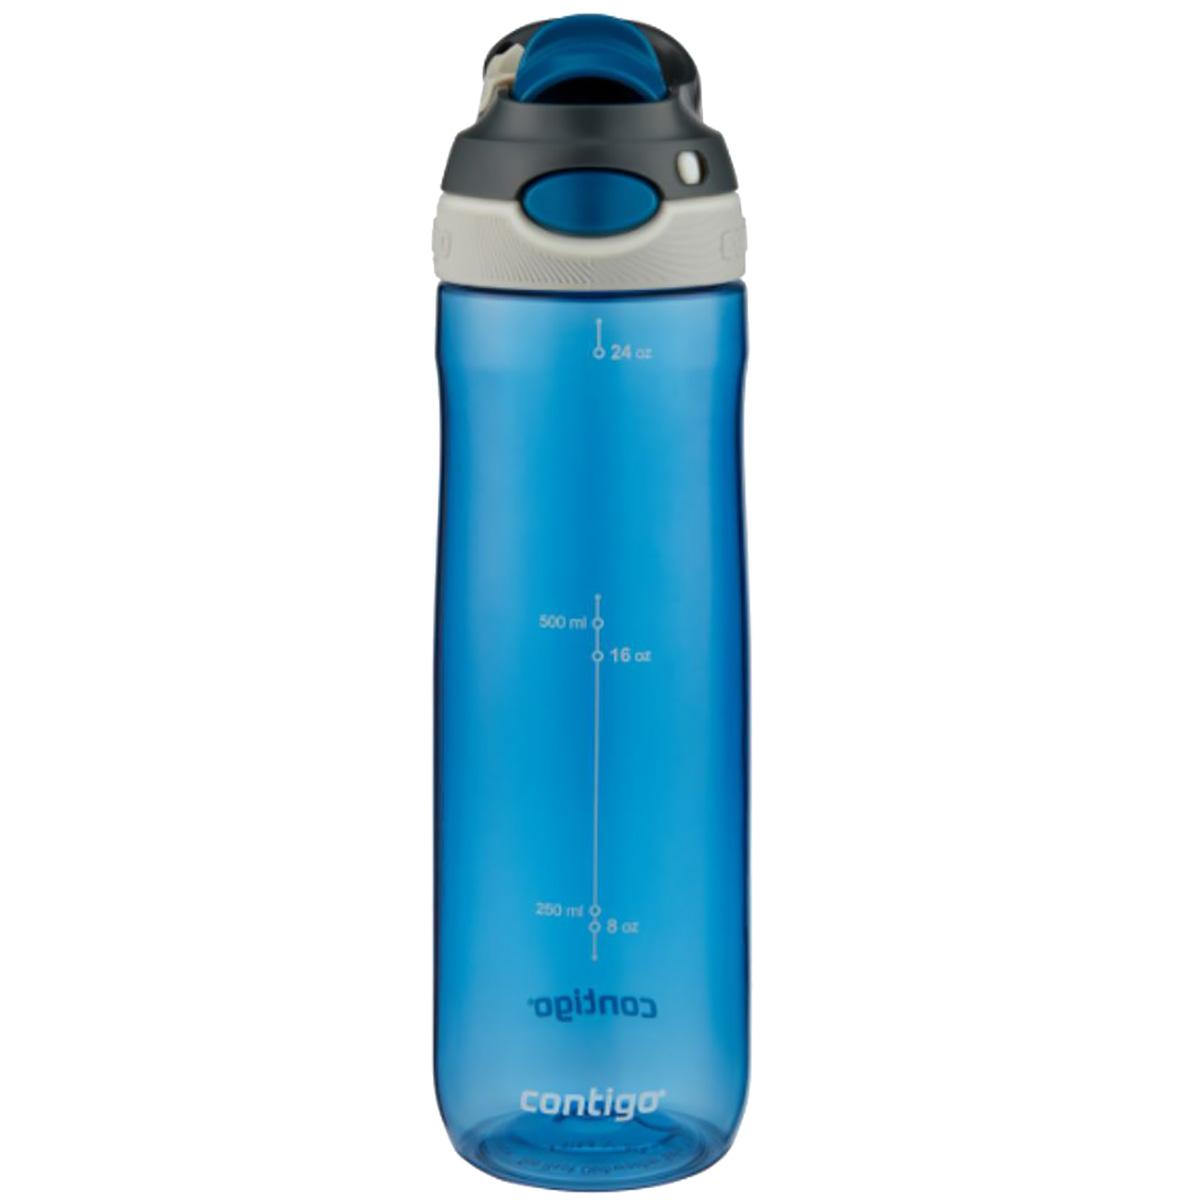 Contigo-24-oz-Chug-Autospout-Leak-Proof-Water-Bottle